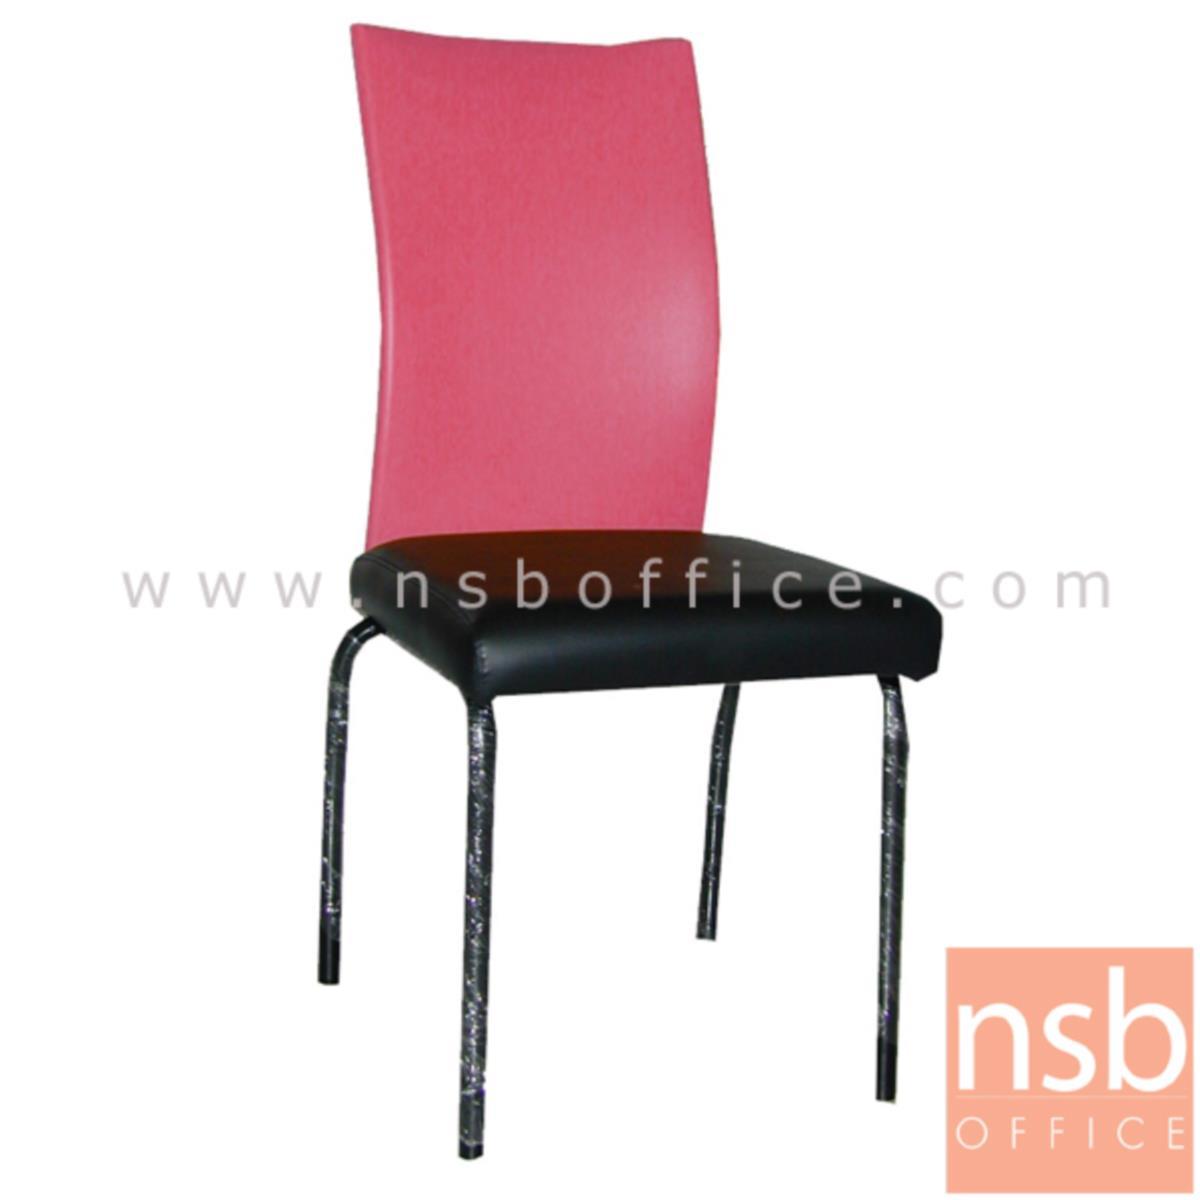 เก้าอี้อเนกประสงค์เหล็ก รุ่น Assassins (อัสแซสซินส์)  ขาเหล็กพ่นดำ